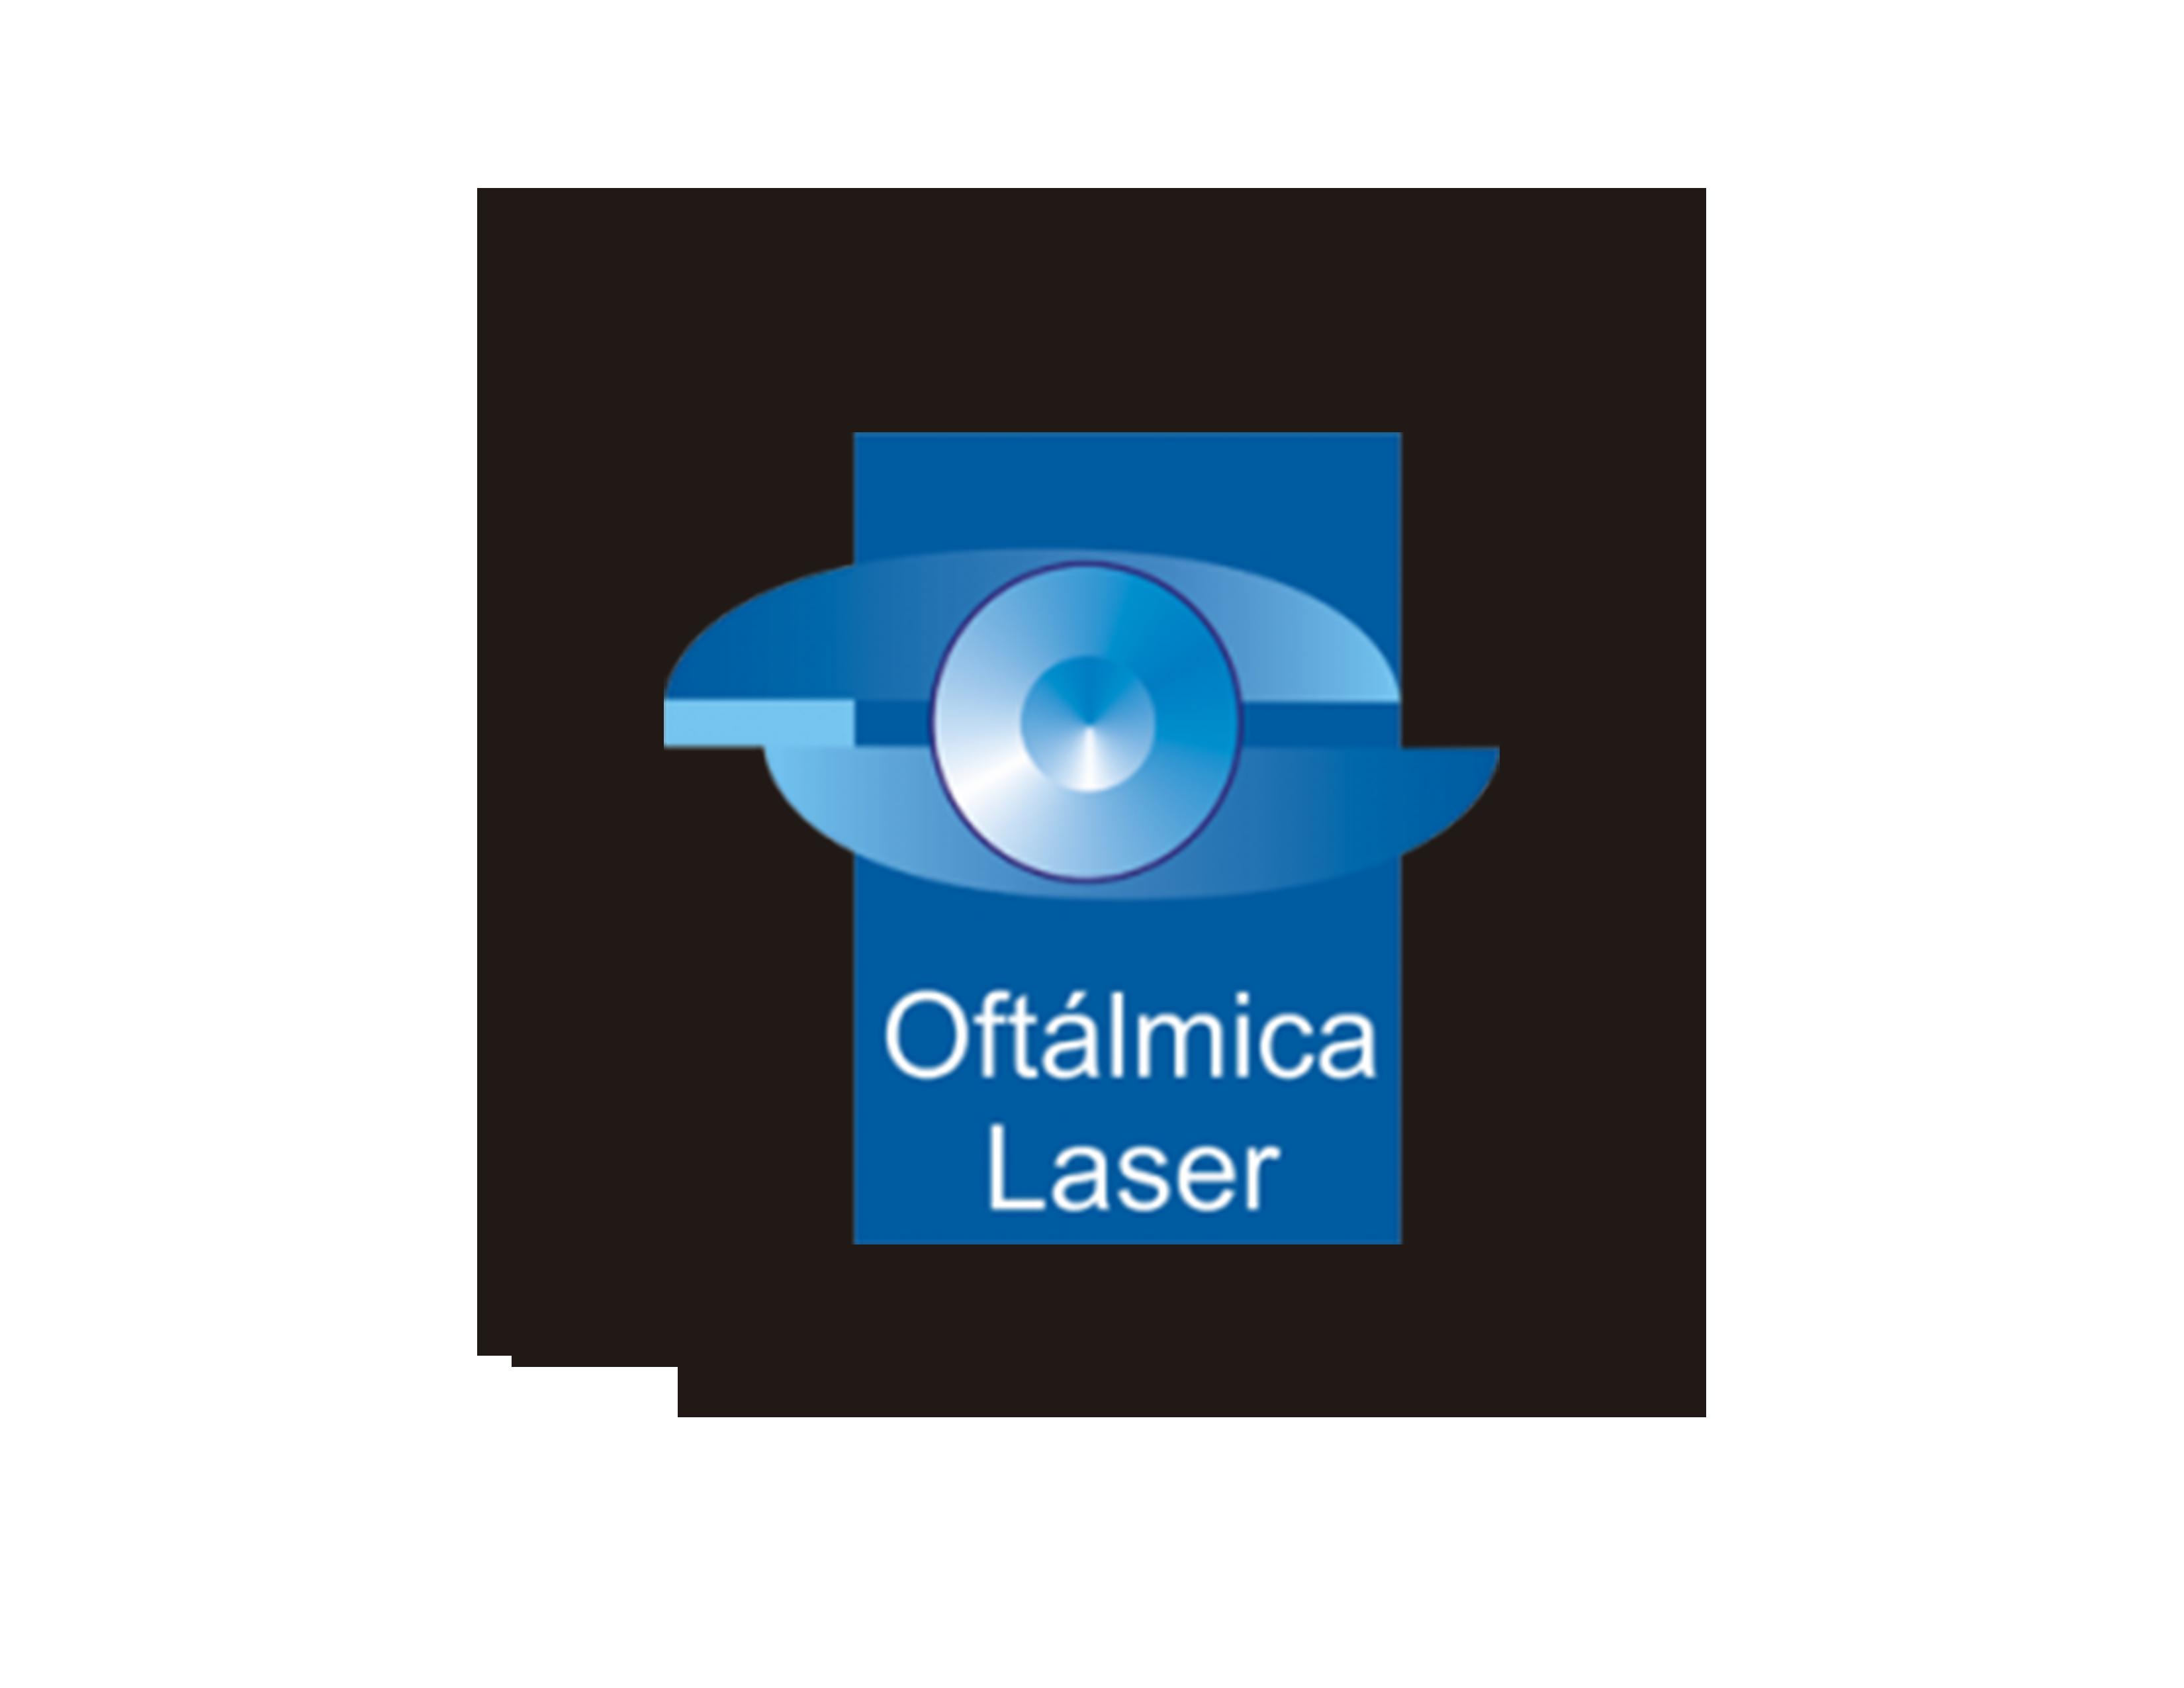 oftalmica